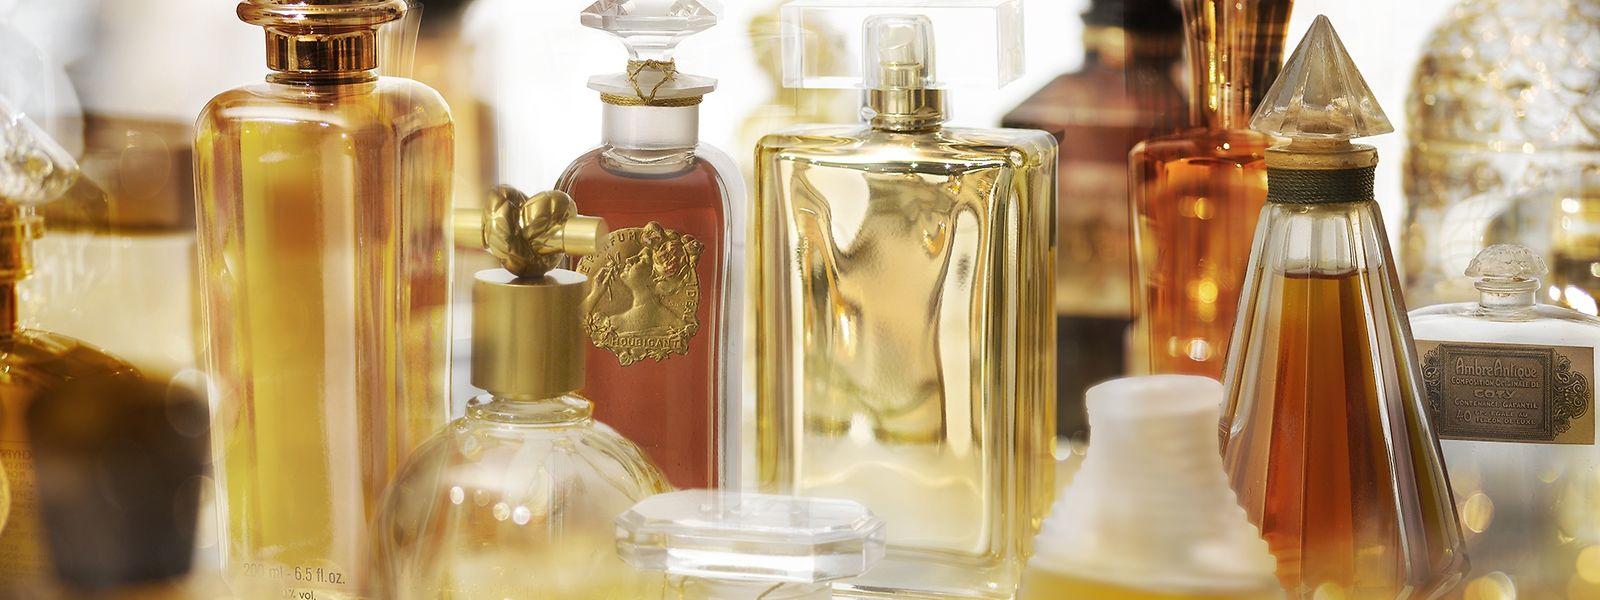 In der Osmothek werden rund 4000 Parfums aufbewahrt, darunter mehr als 400, die man sonst nirgendwo mehr findet.